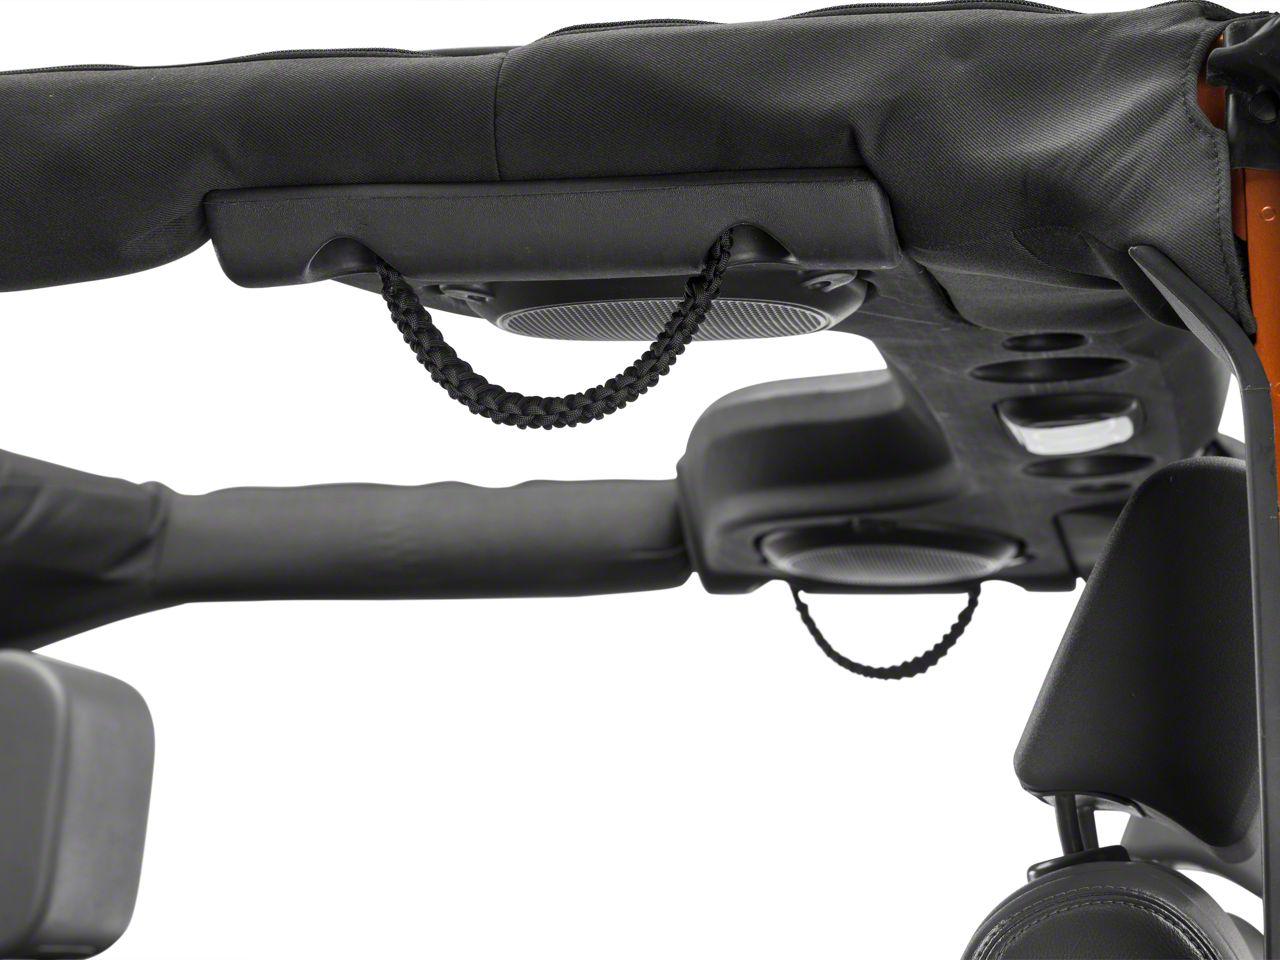 RedRock 4x4 Rear Soundbar Paracord Grab Handles - Black (07-17 Jeep Wrangler JK 4 Door)